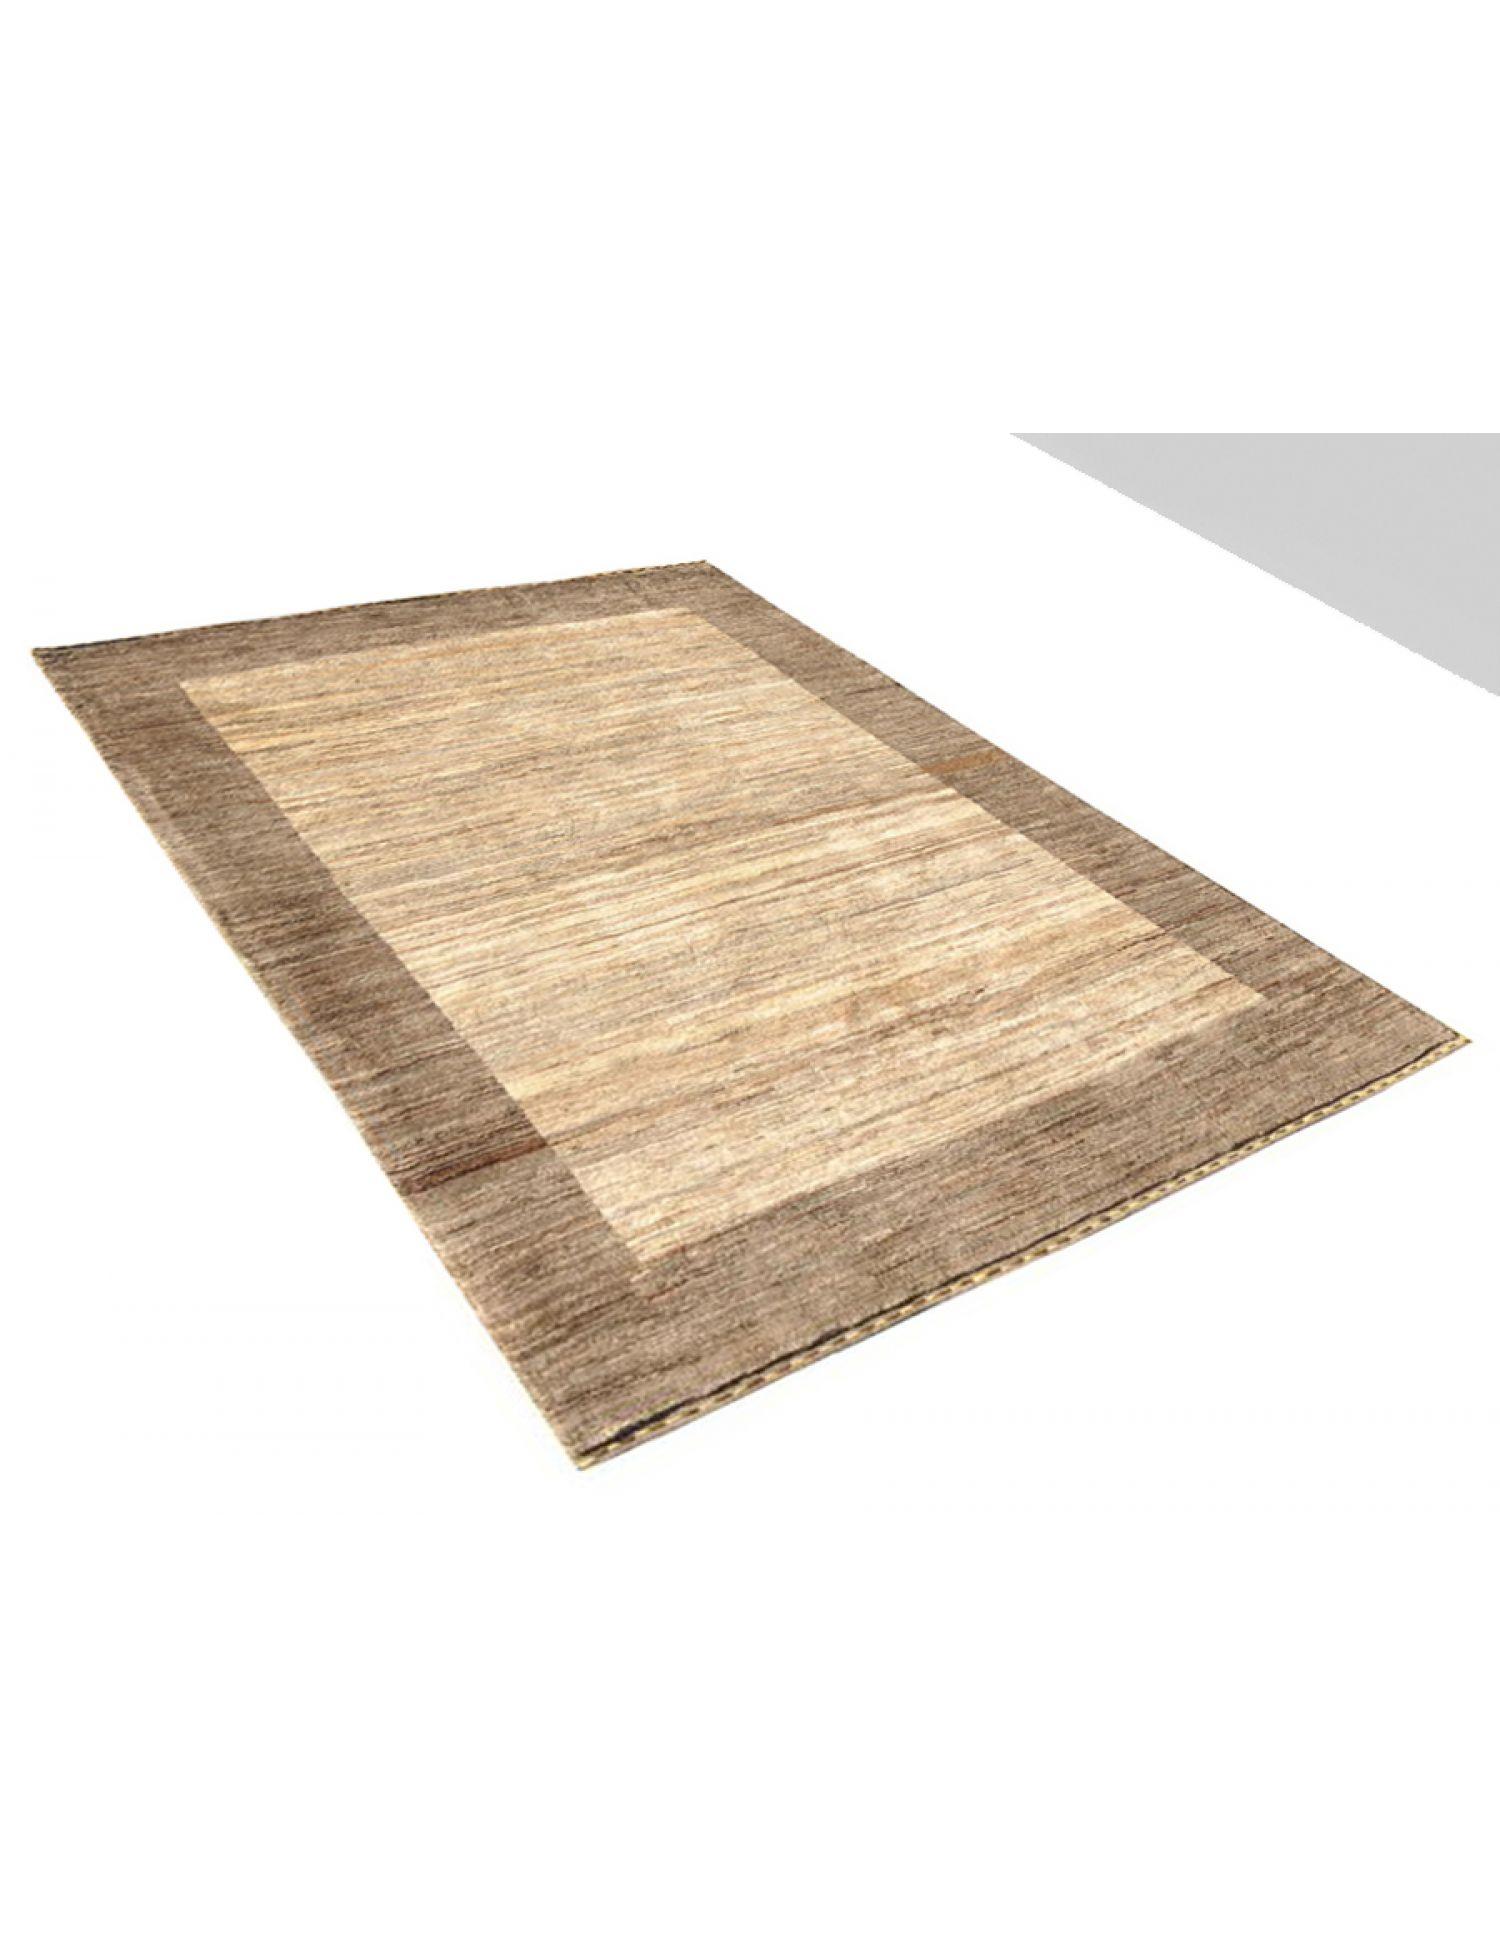 Moderne Teppiche   <br/>200 x 157 cm